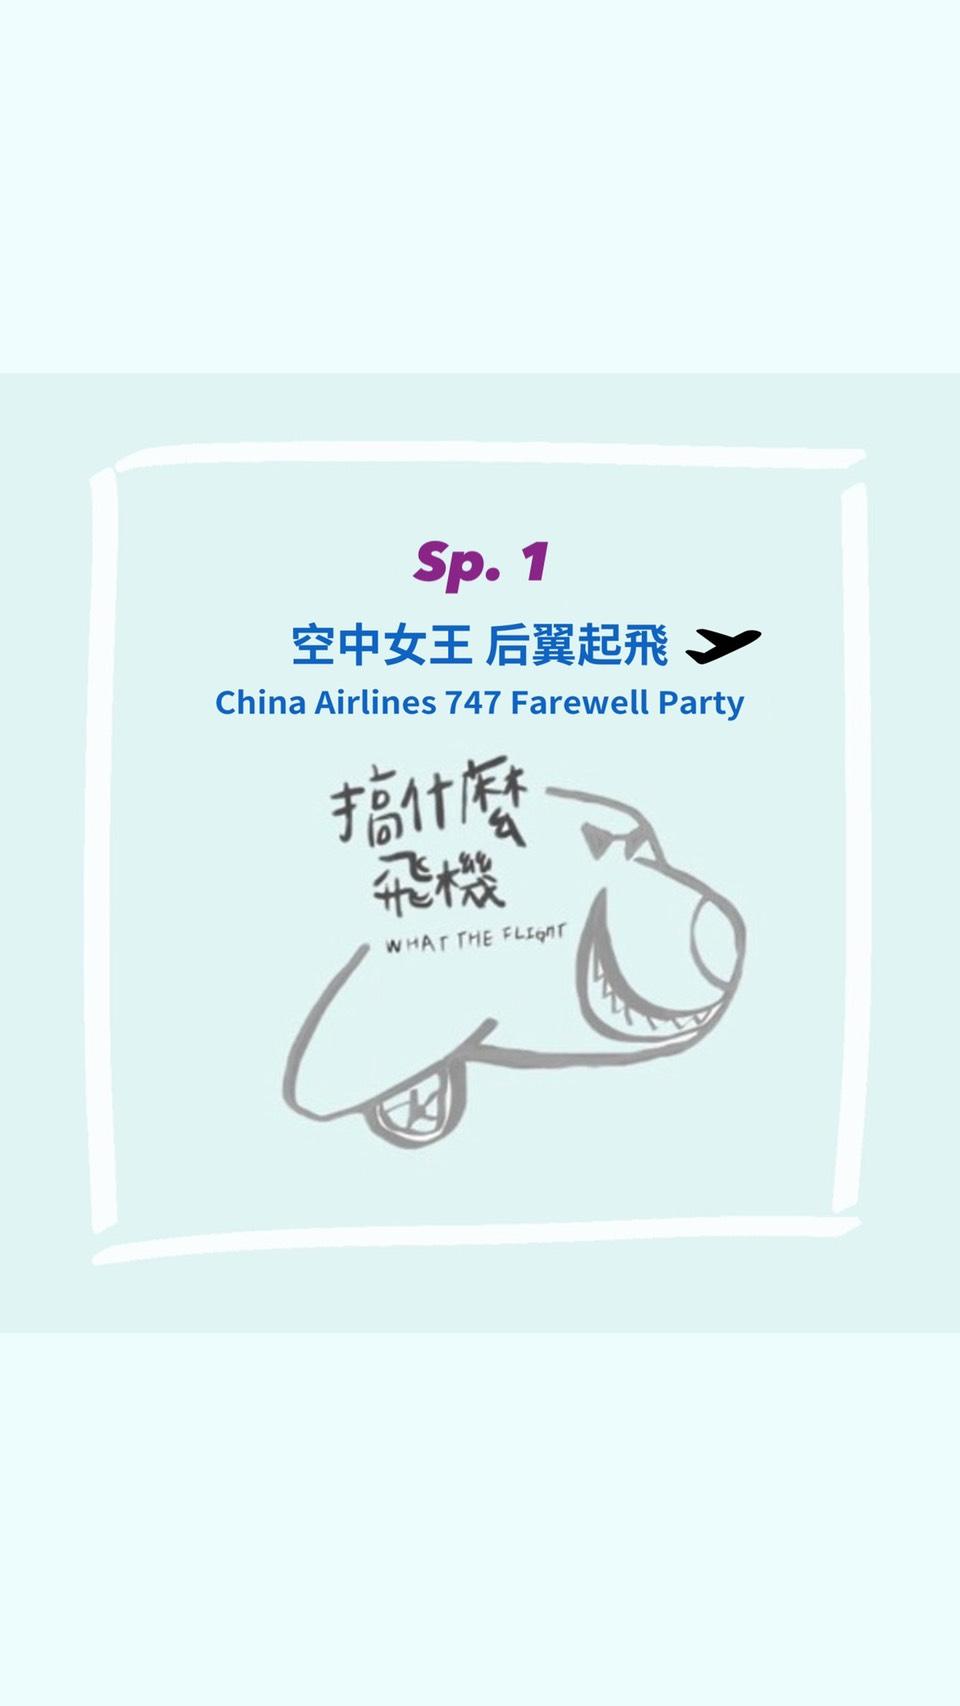 B747 空中女王 后翼起飛 特別節目